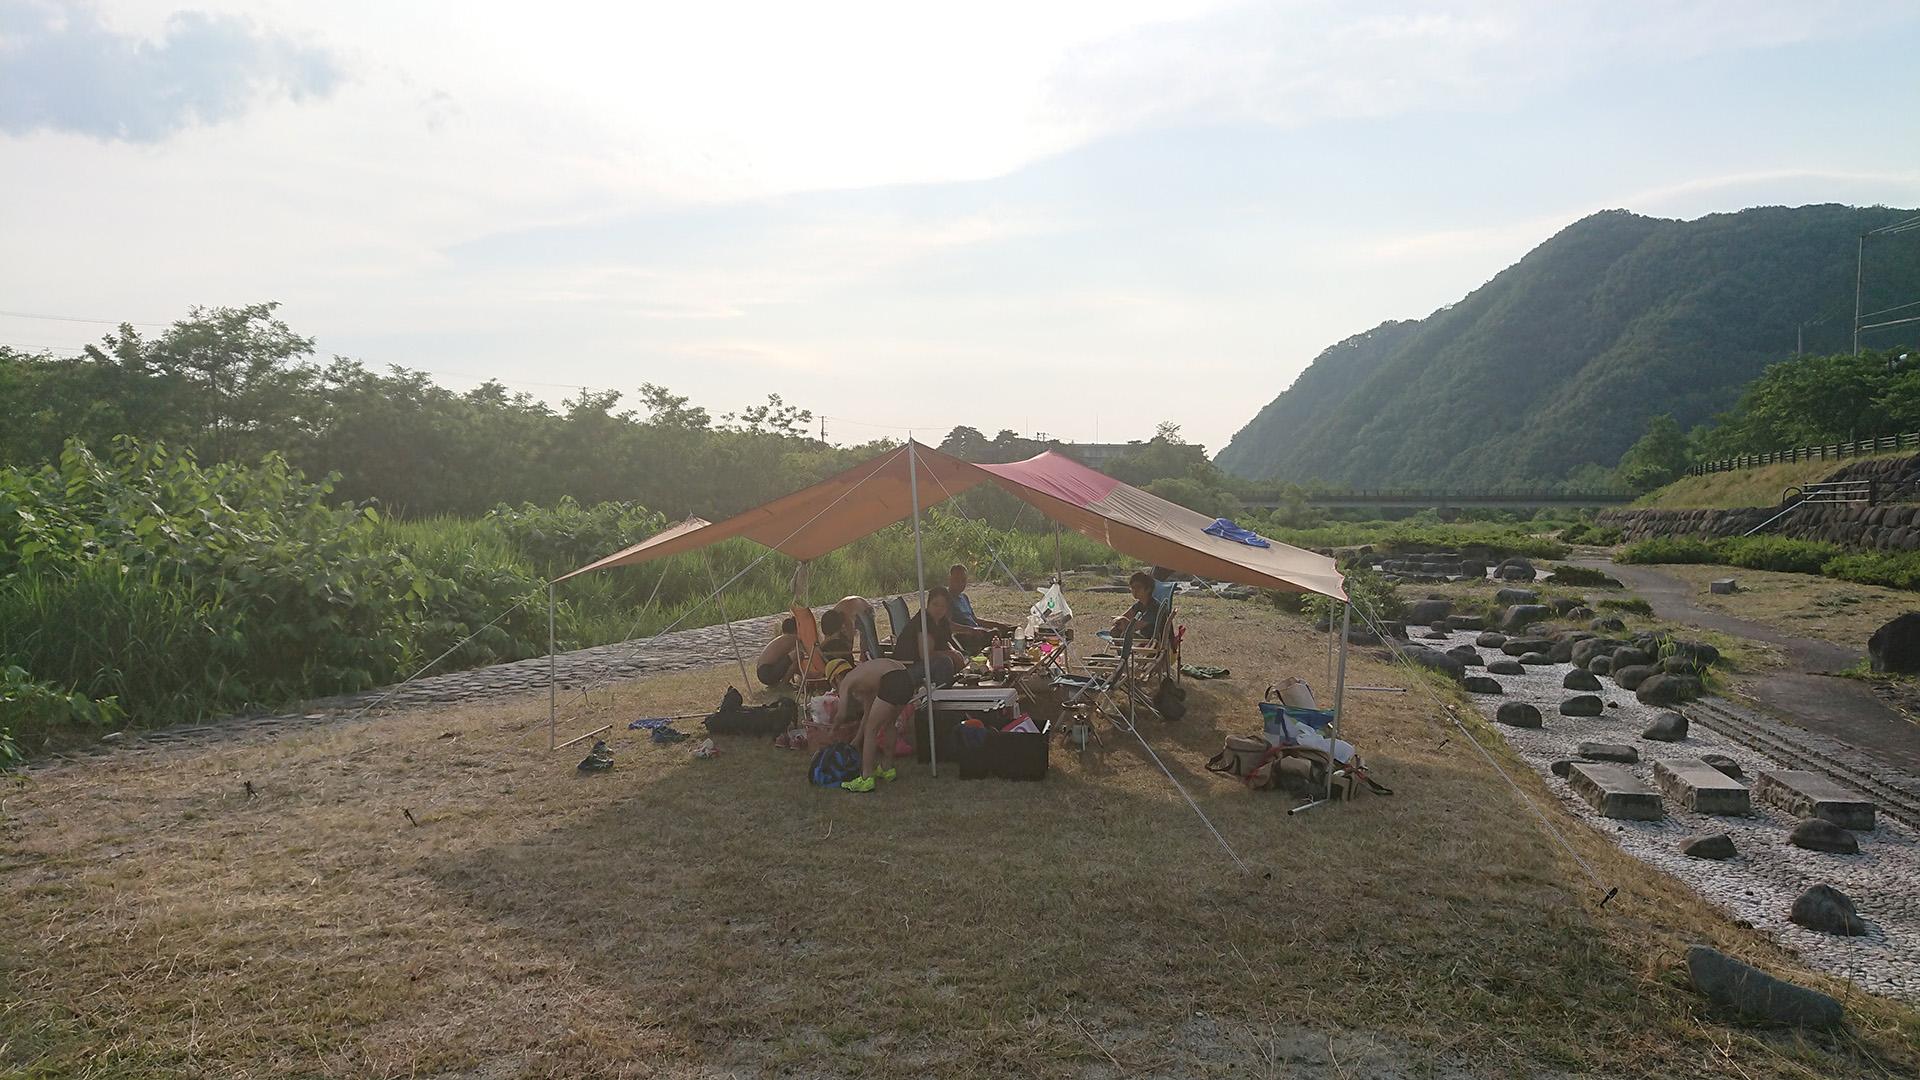 馬見ケ崎川で川遊びデイキャンプ